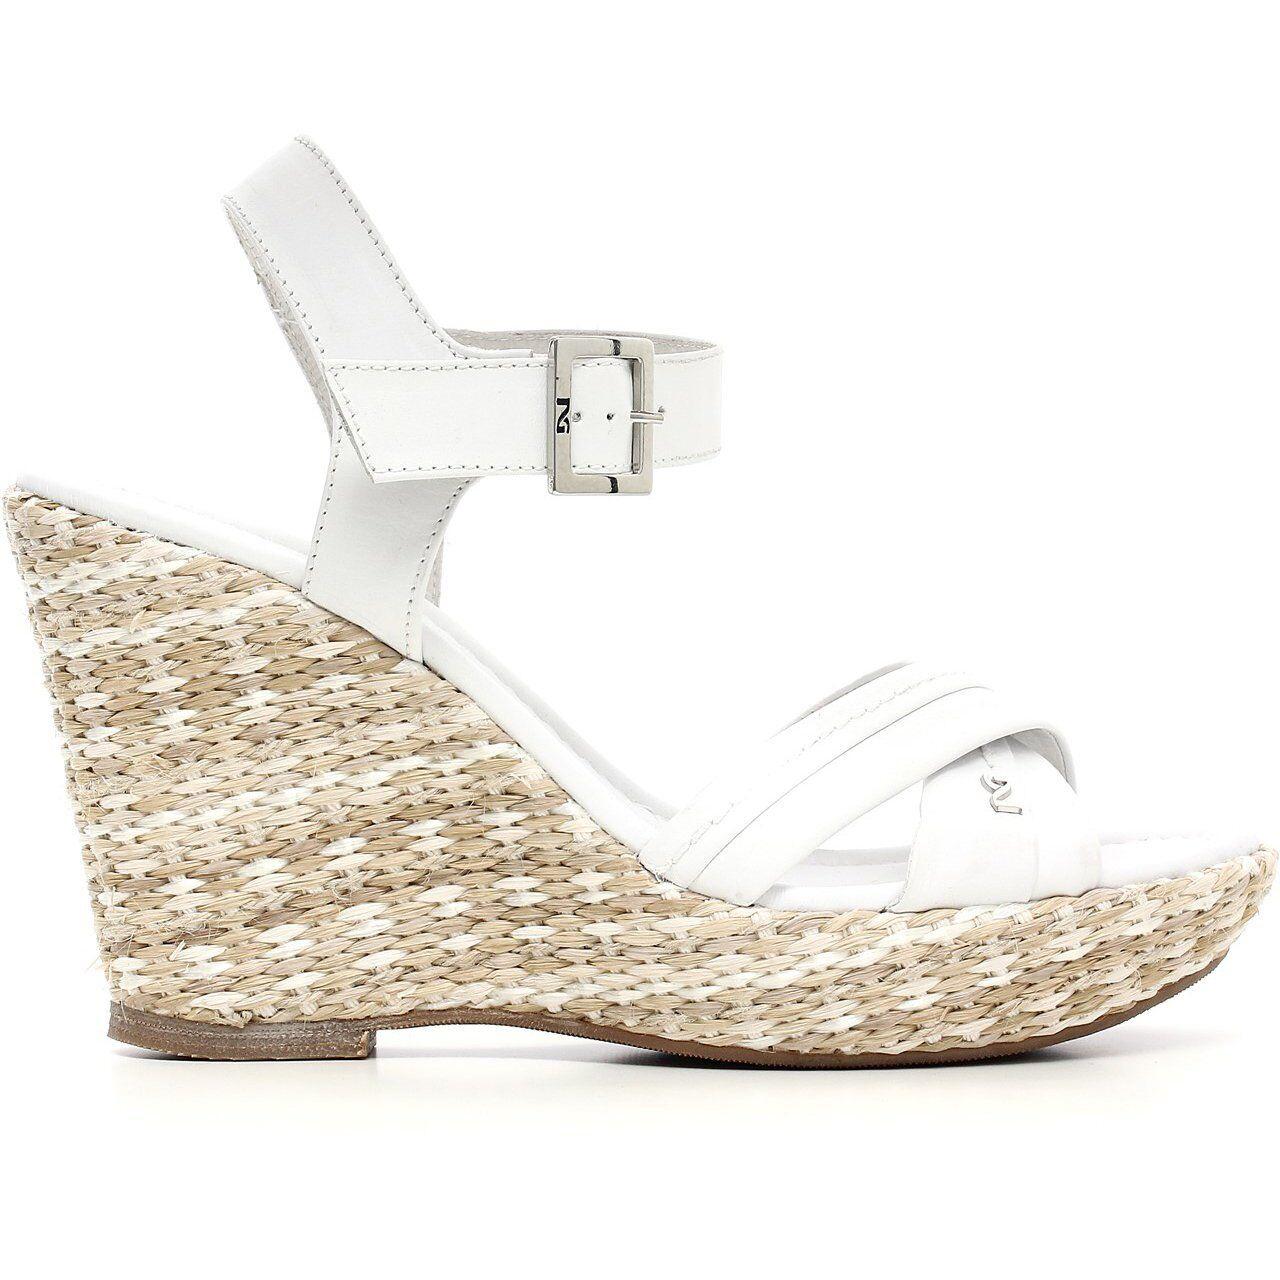 Sandalo donna nuova collezione NeroGiardini P615610D zeppa SOLO 36